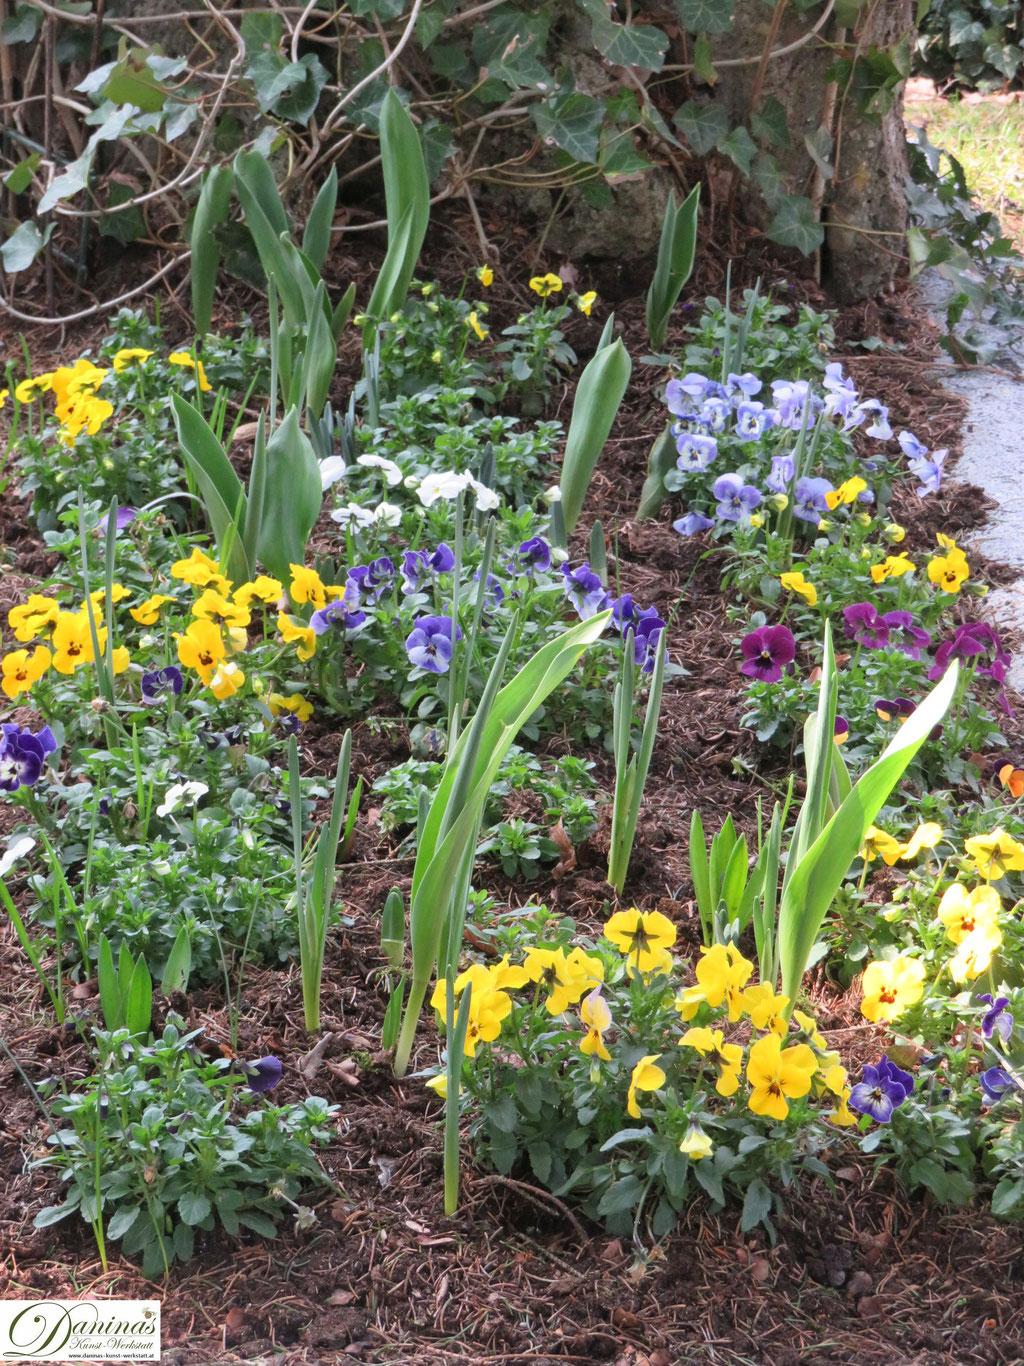 Garten im Frühling - Frühlingsblumen im Beet. Stiefmütterchen.